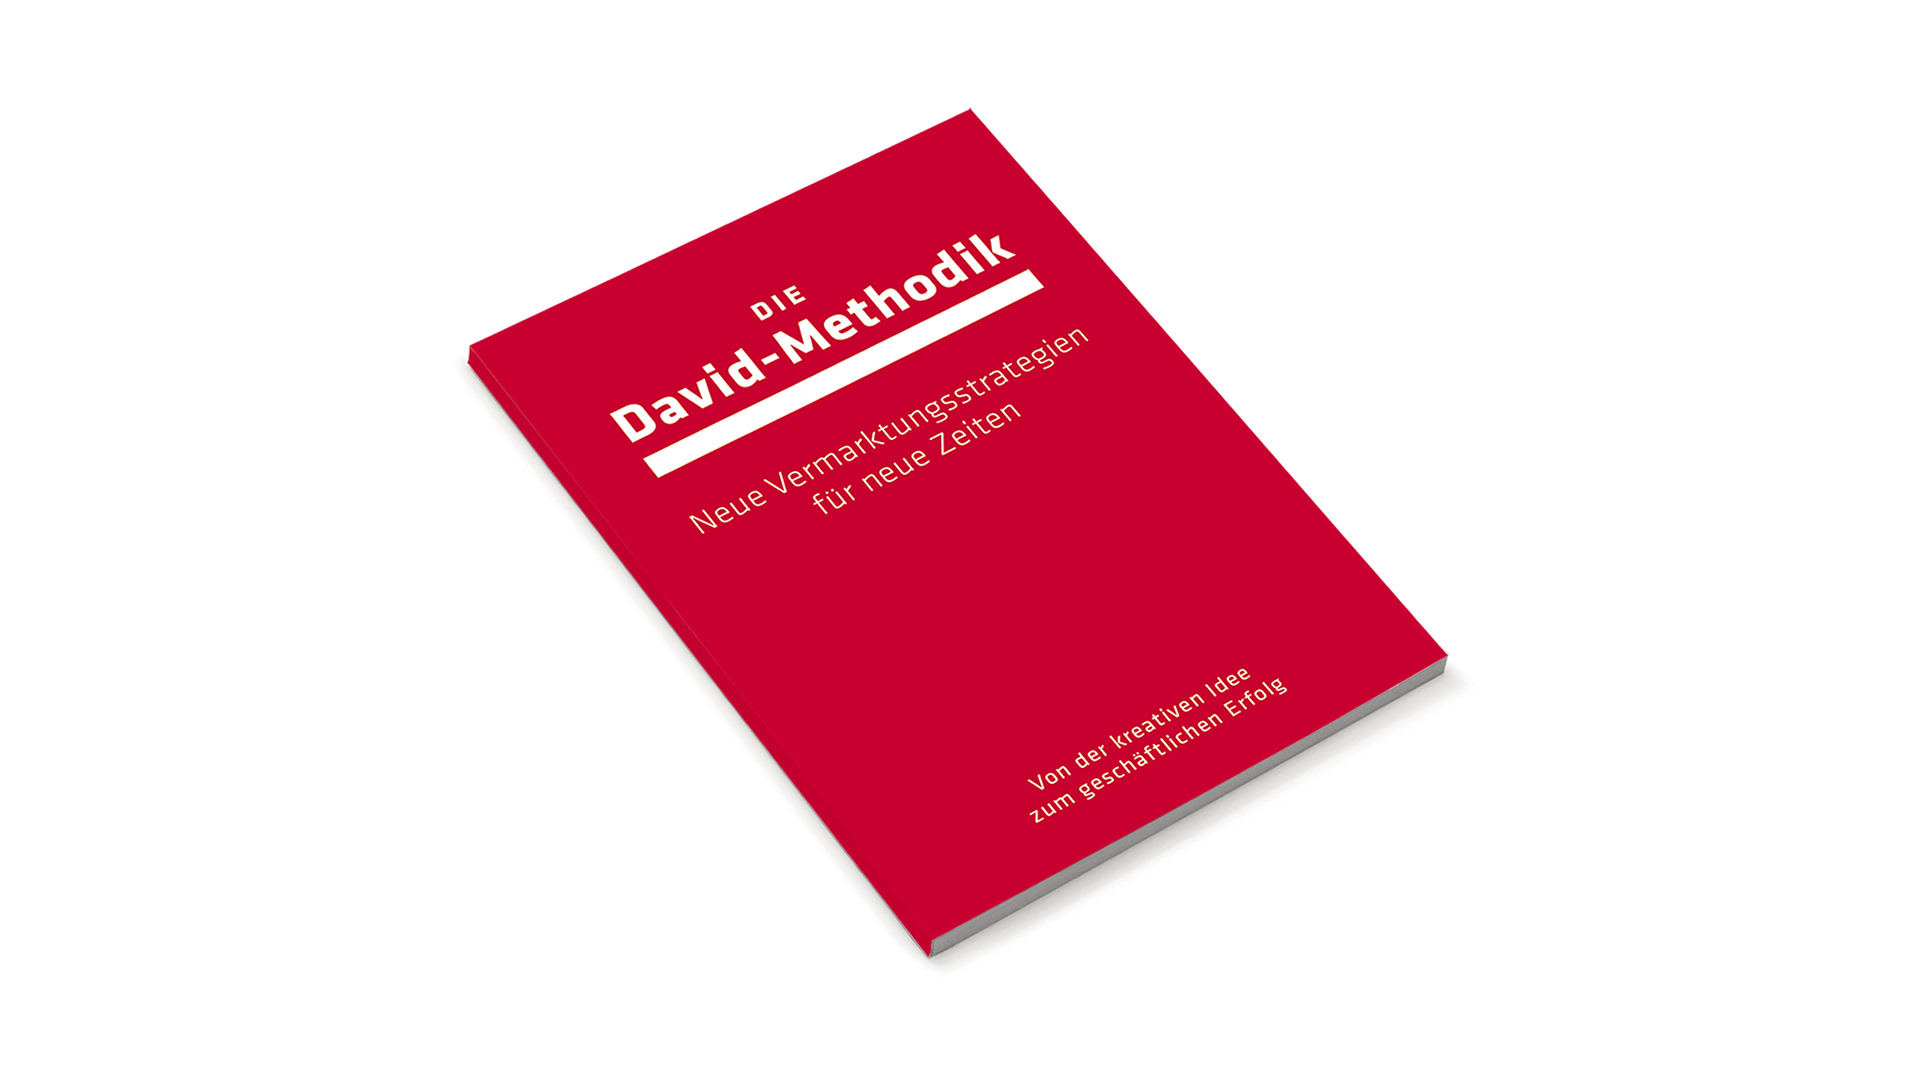 David Methodik